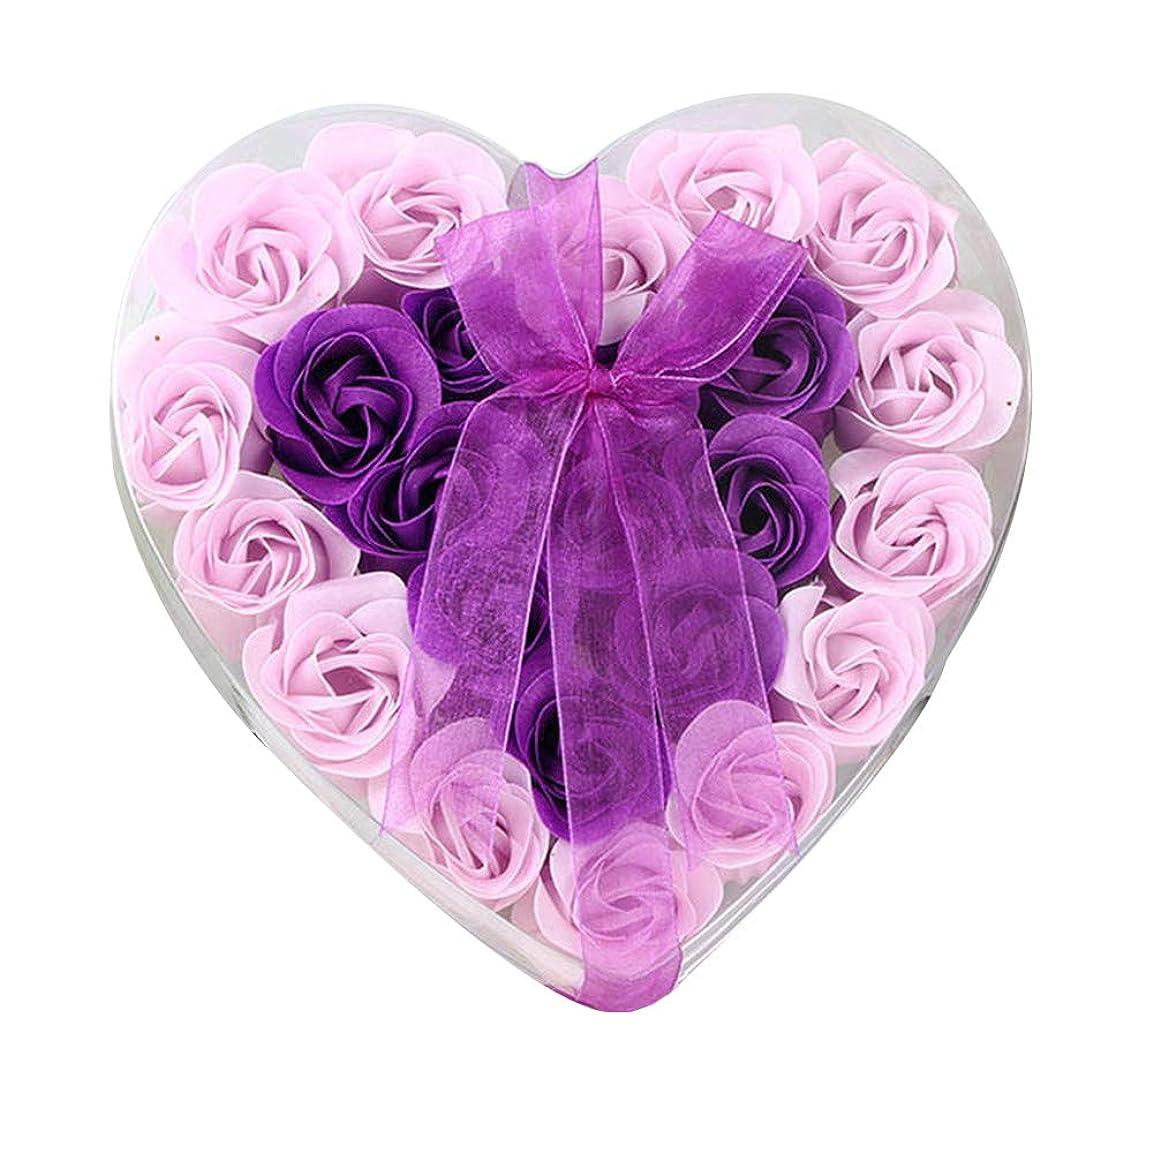 可聴メロンプット24個の手作りのローズ香りのバスソープの花びら香りのバスソープは、ギフトボックスの花びらをバラ (色 : 紫の)